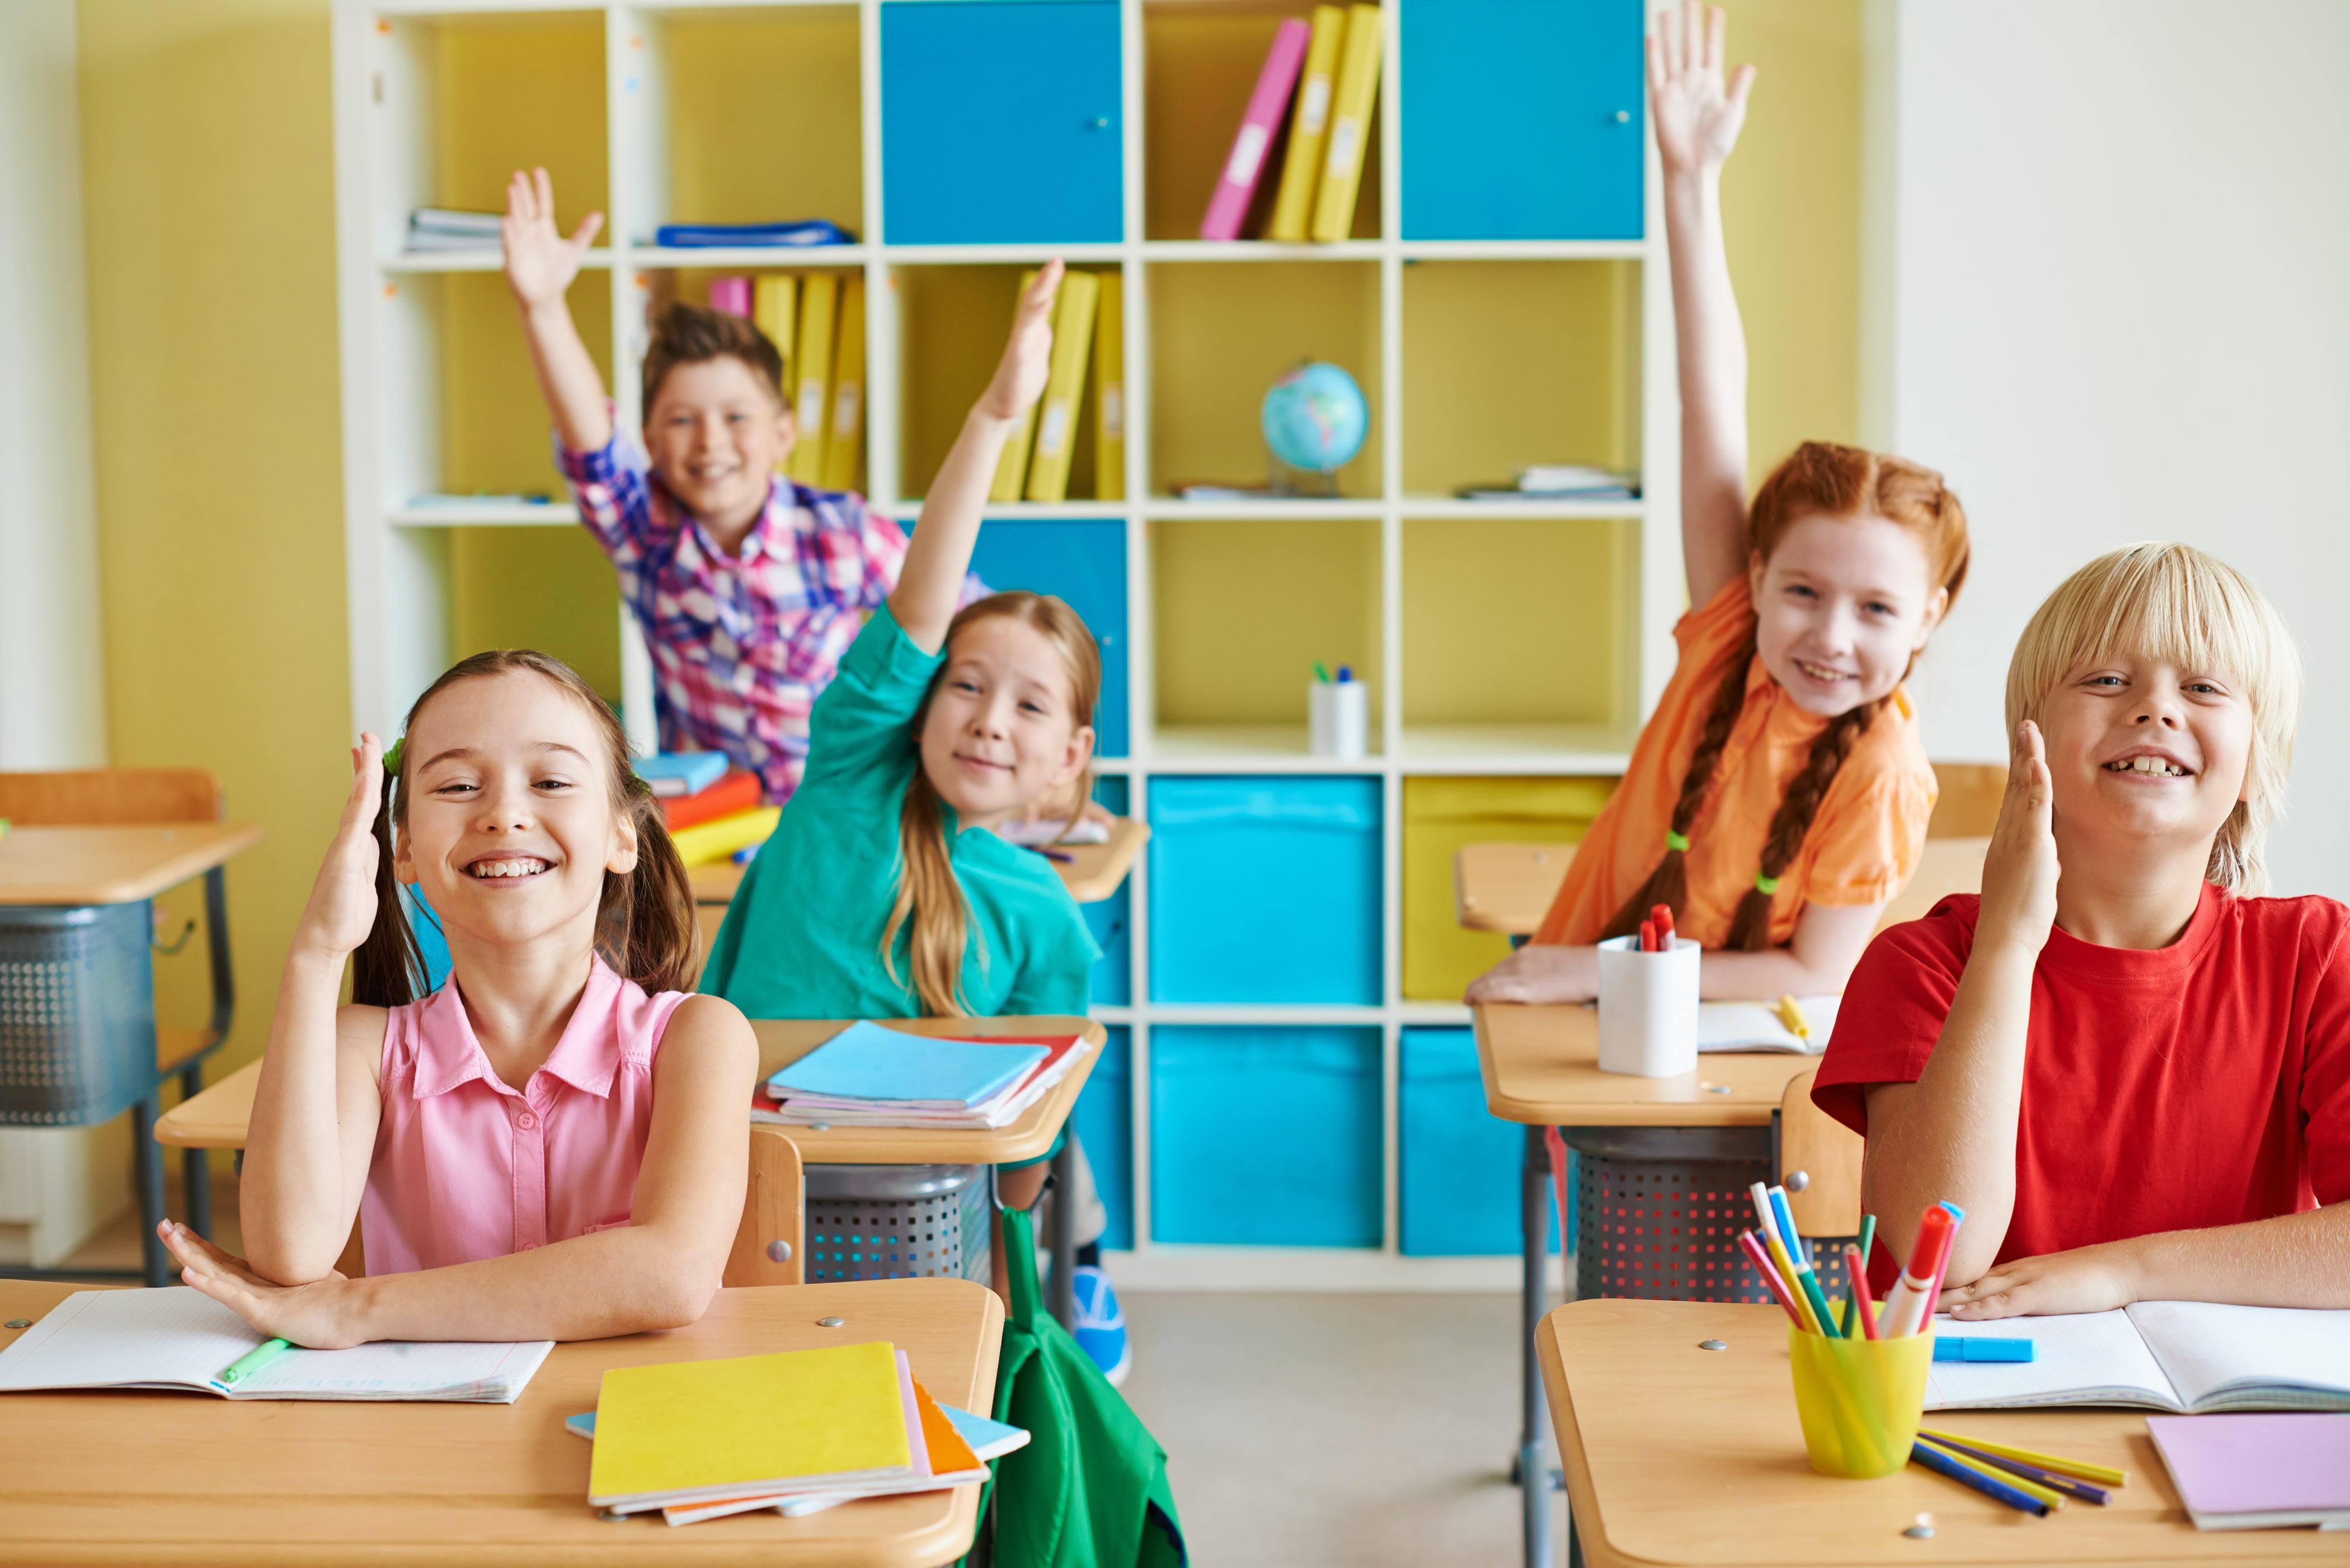 Děti jdou znovu do školy. Co vás čeká?